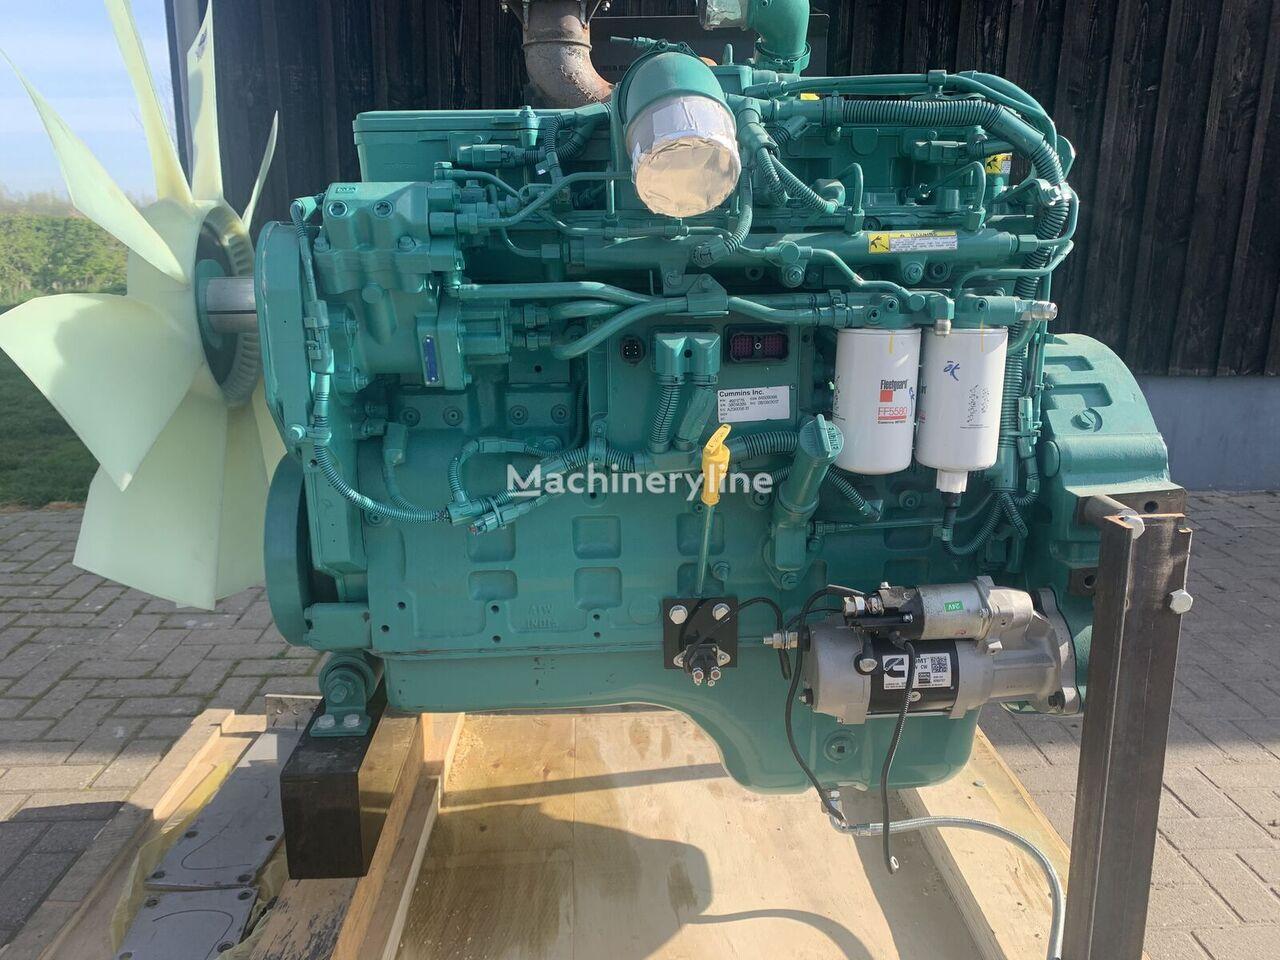 جديد المحرك CUMMINS Qsl9 g5 لـ مولد كهربائي